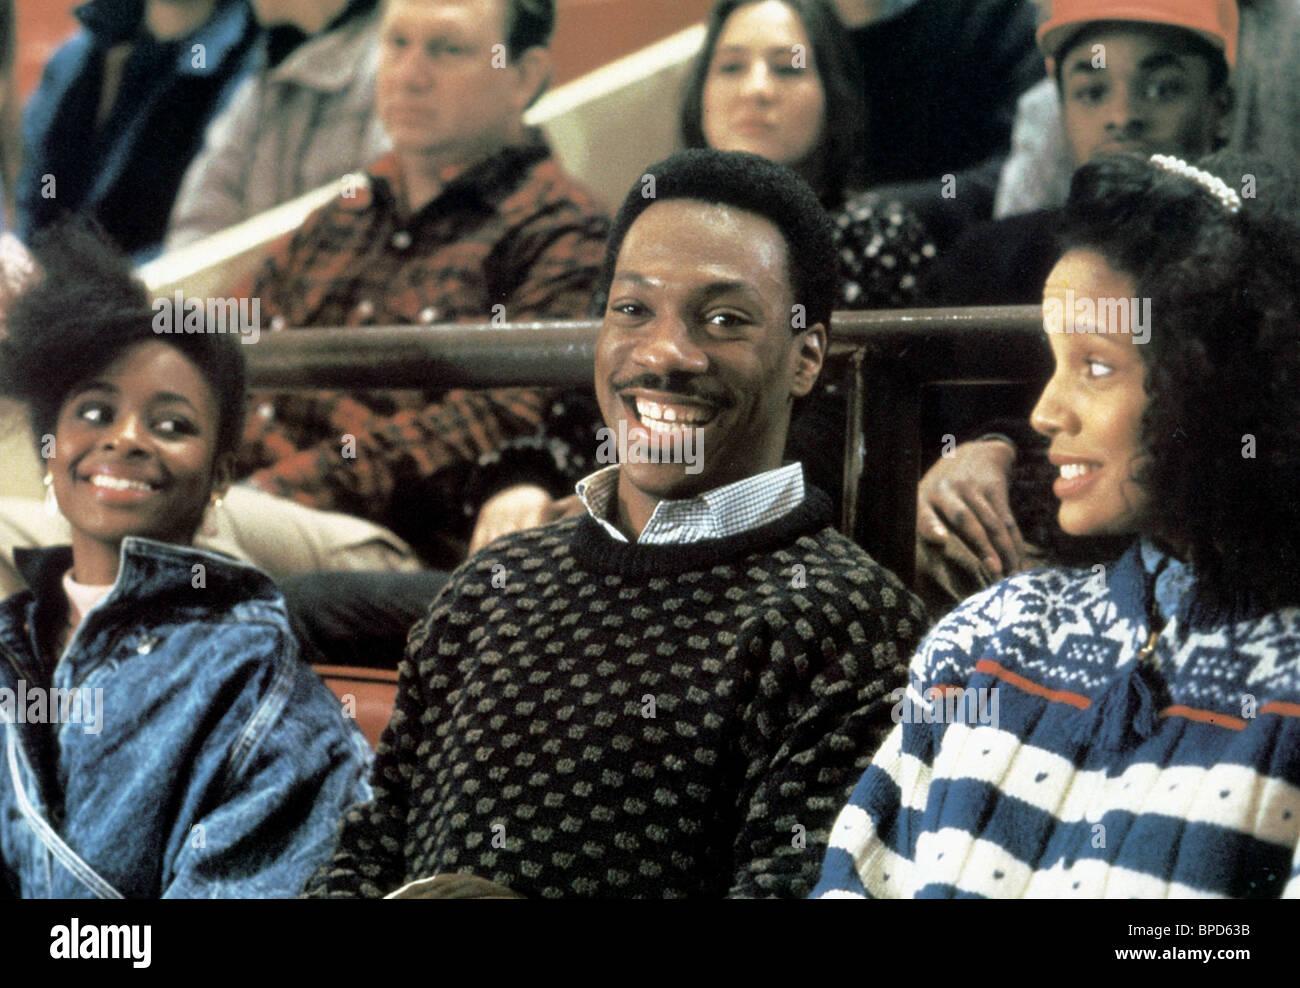 Eddie Murphy Shari Headley Coming To America 1988 Stock Photo Alamy